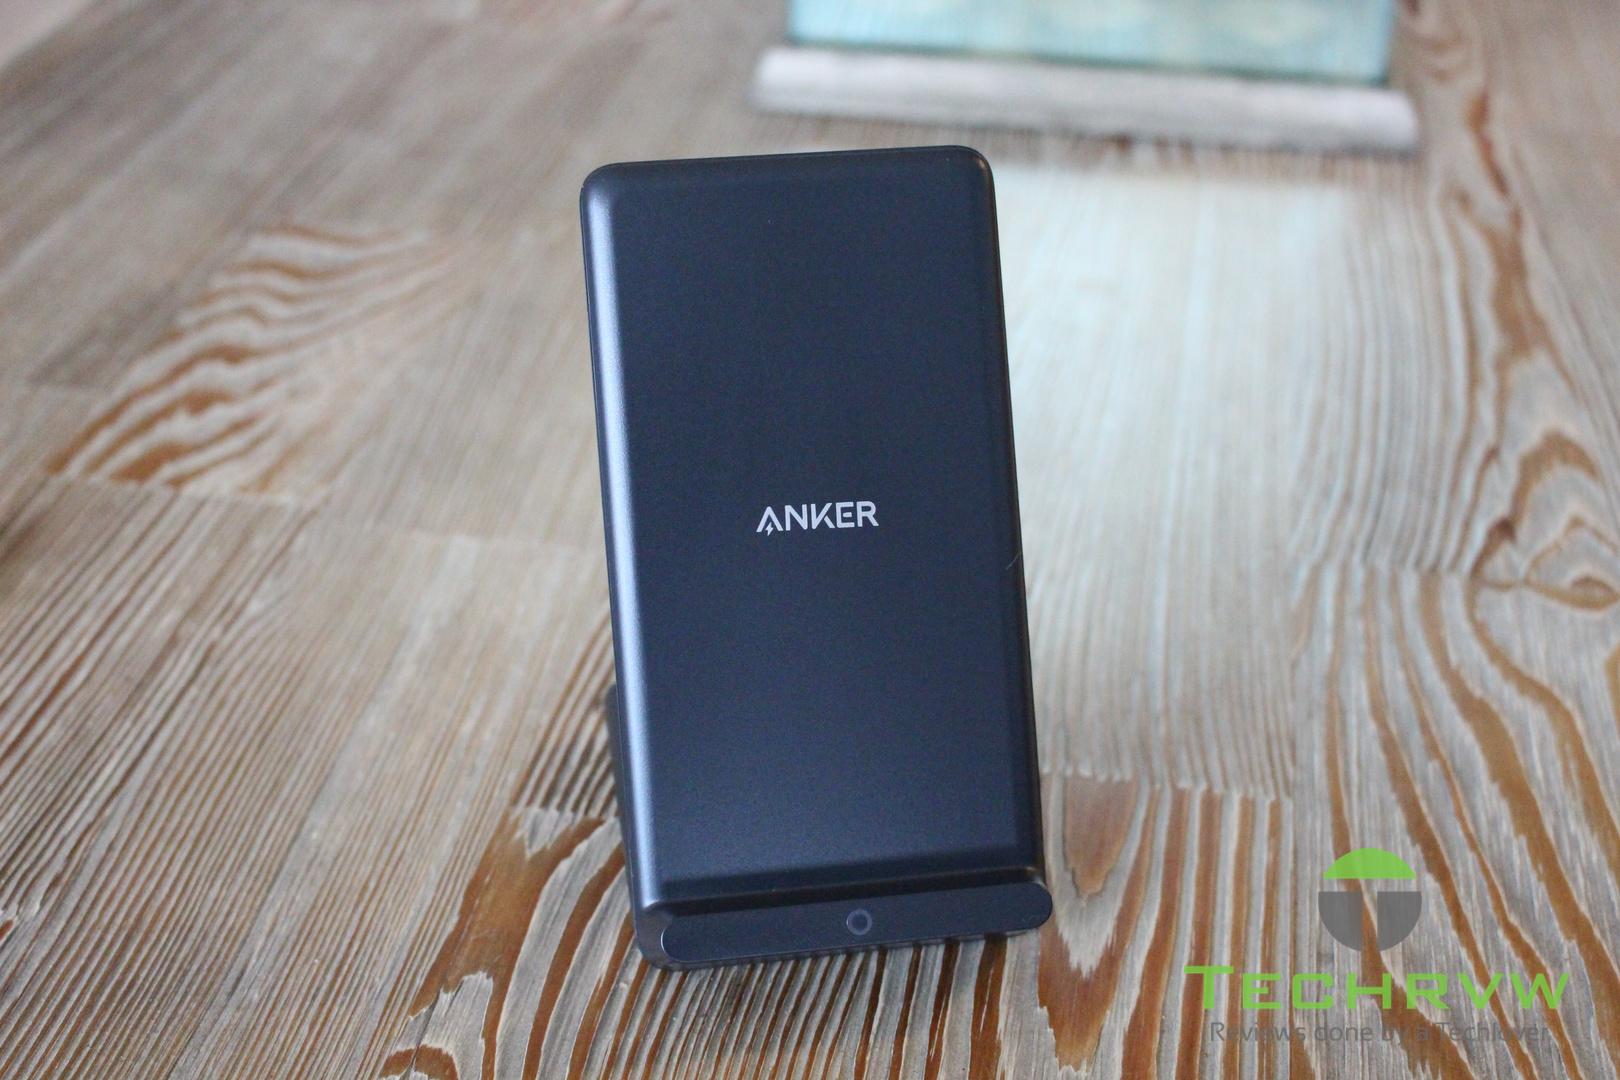 Anker PowerWave 17